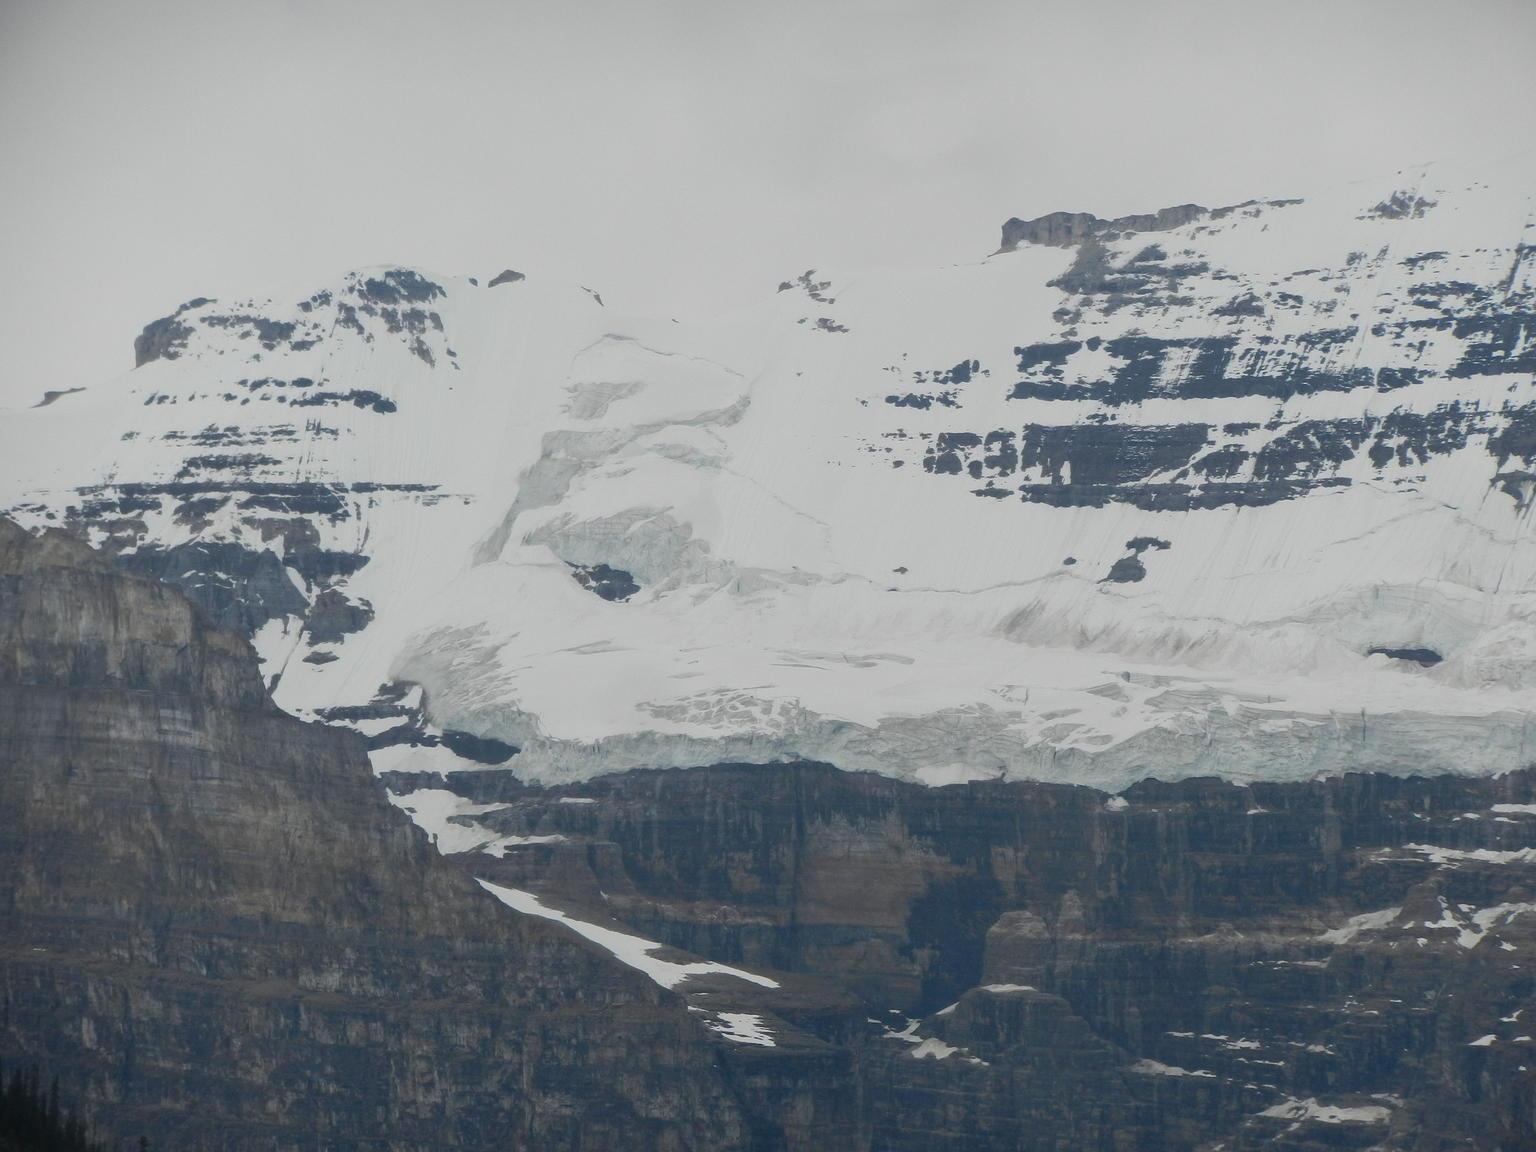 MÁS FOTOS, Excursión al Parque Nacional Banff con un grupo pequeño